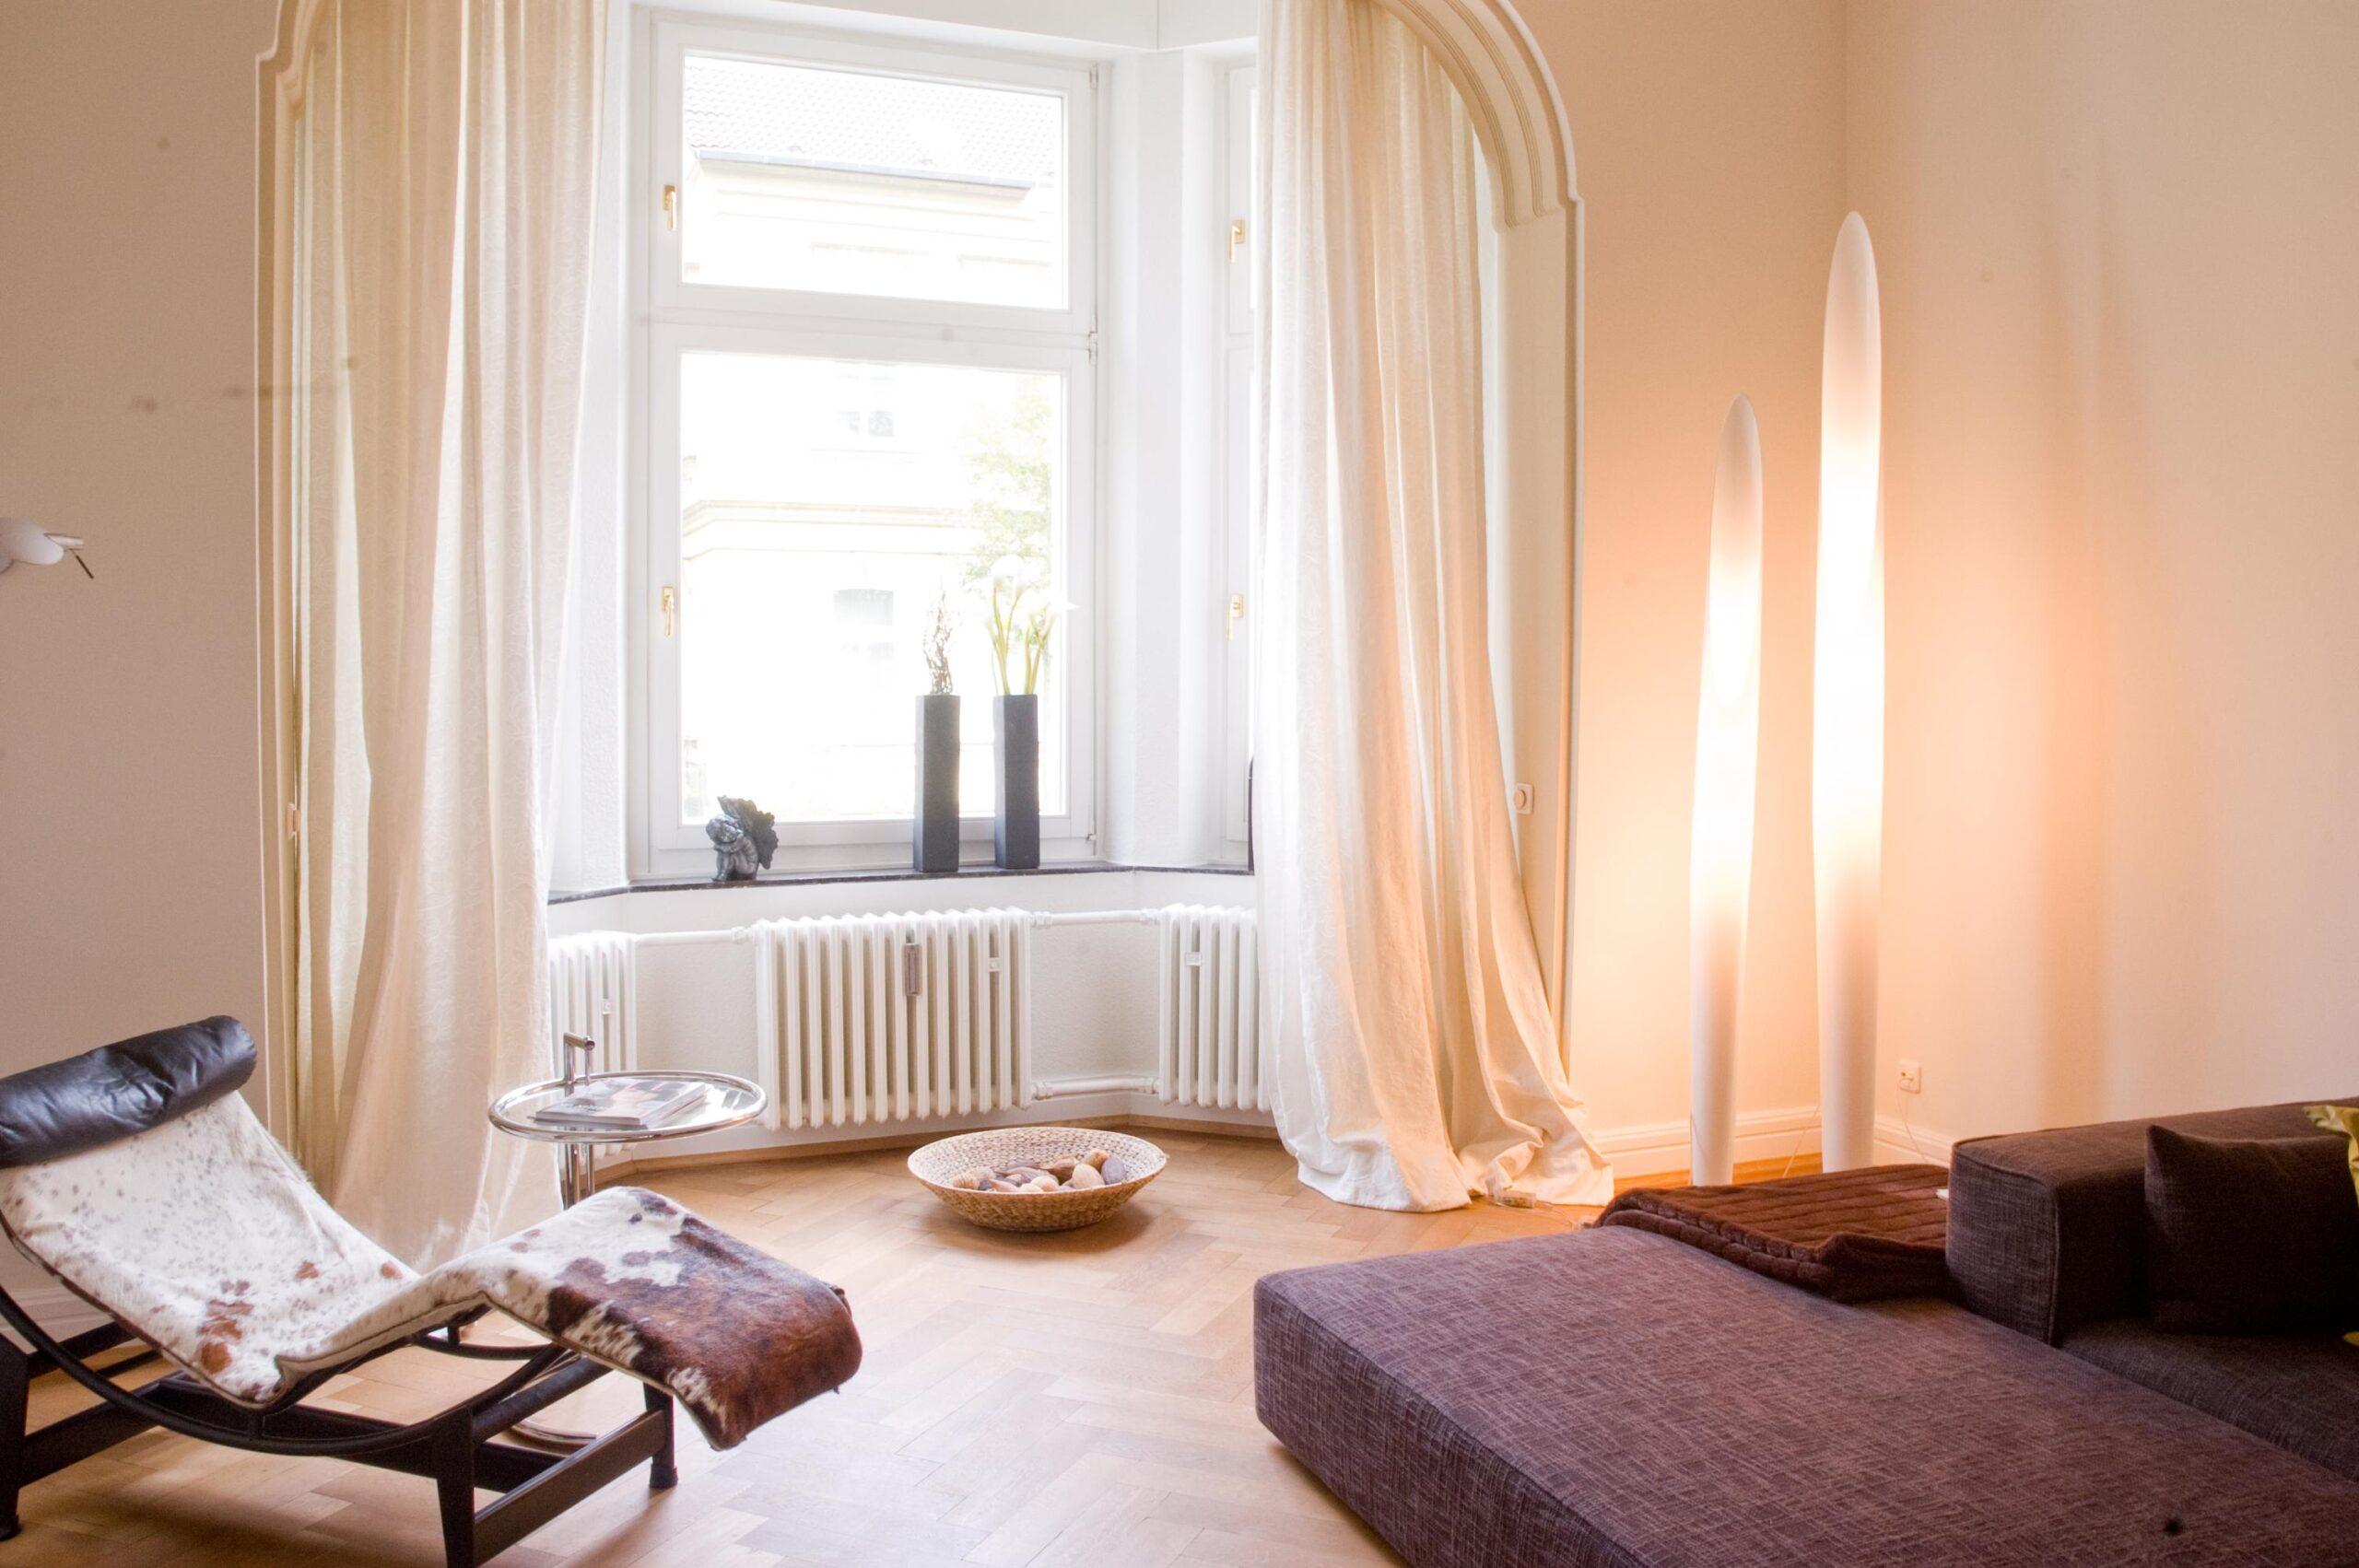 Full Size of Liegestuhl Wohnzimmer Ikea Relax Designer Led Lampen Deckenstrahler Board Pendelleuchte Teppiche Deckenlampen Stehlampen Stehlampe Hängelampe Deckenleuchte Wohnzimmer Wohnzimmer Liegestuhl